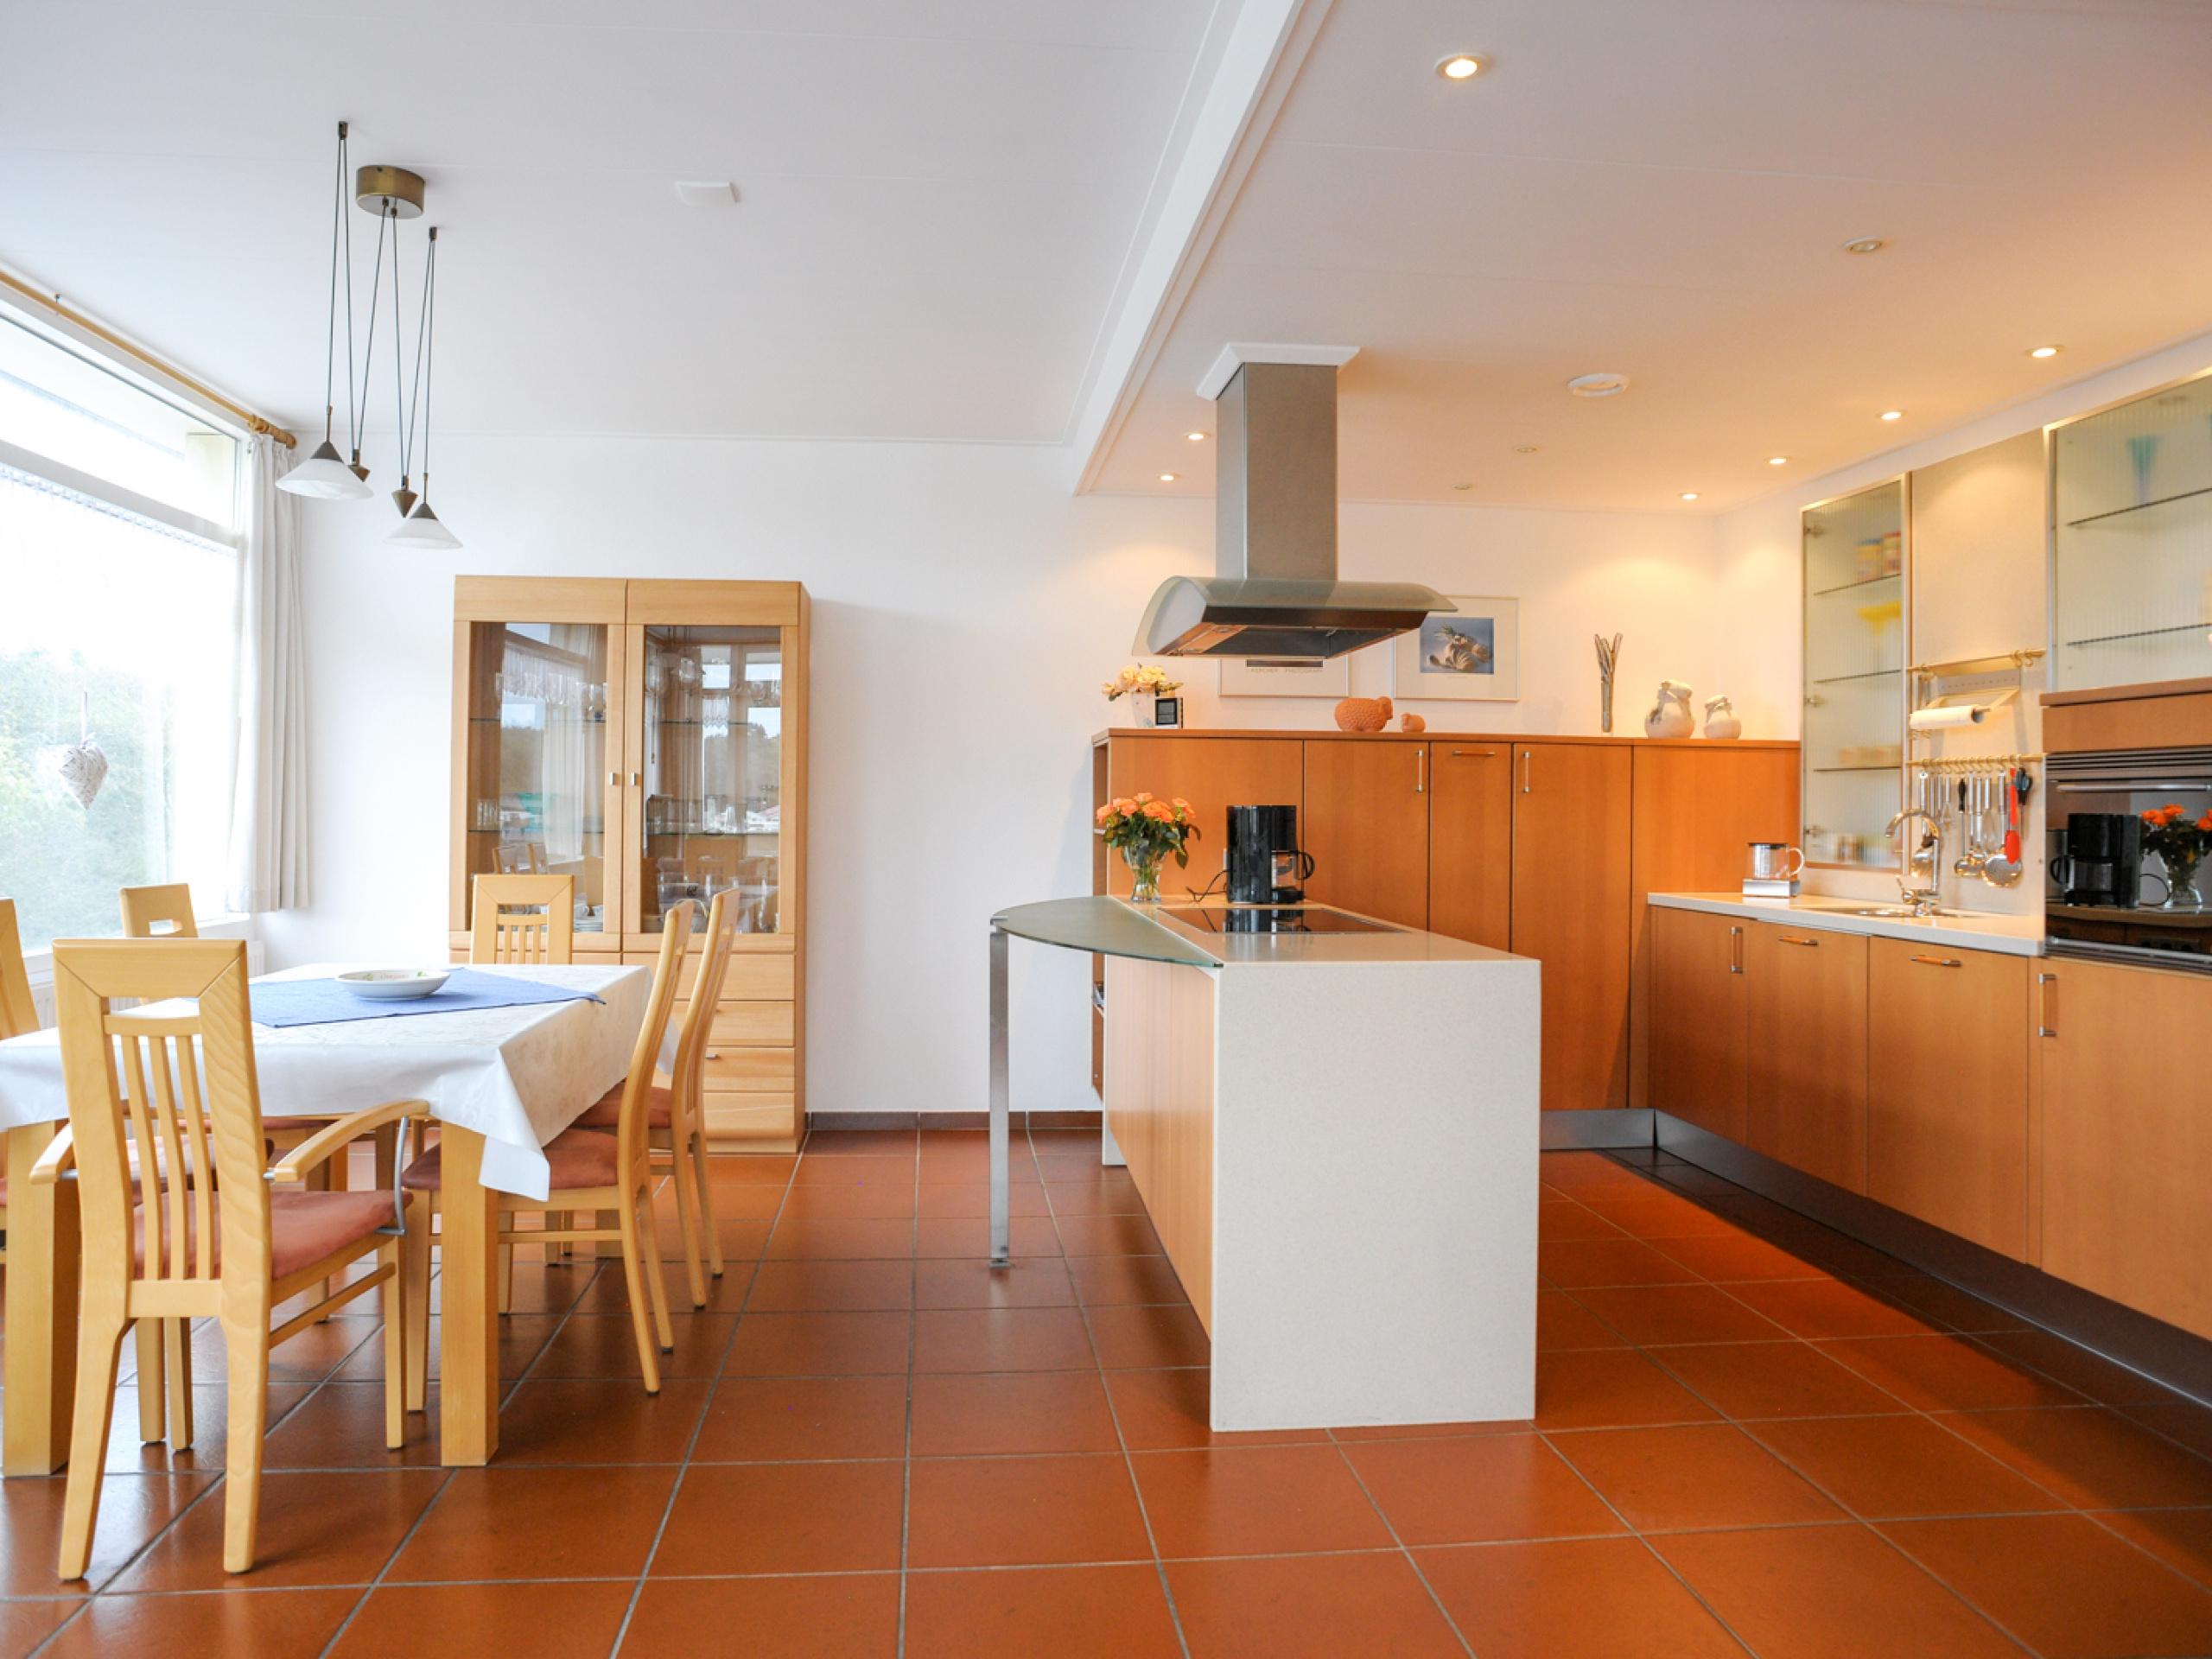 Eine Helle Wohnung zum Wohlfühlen direkt bei De Koog